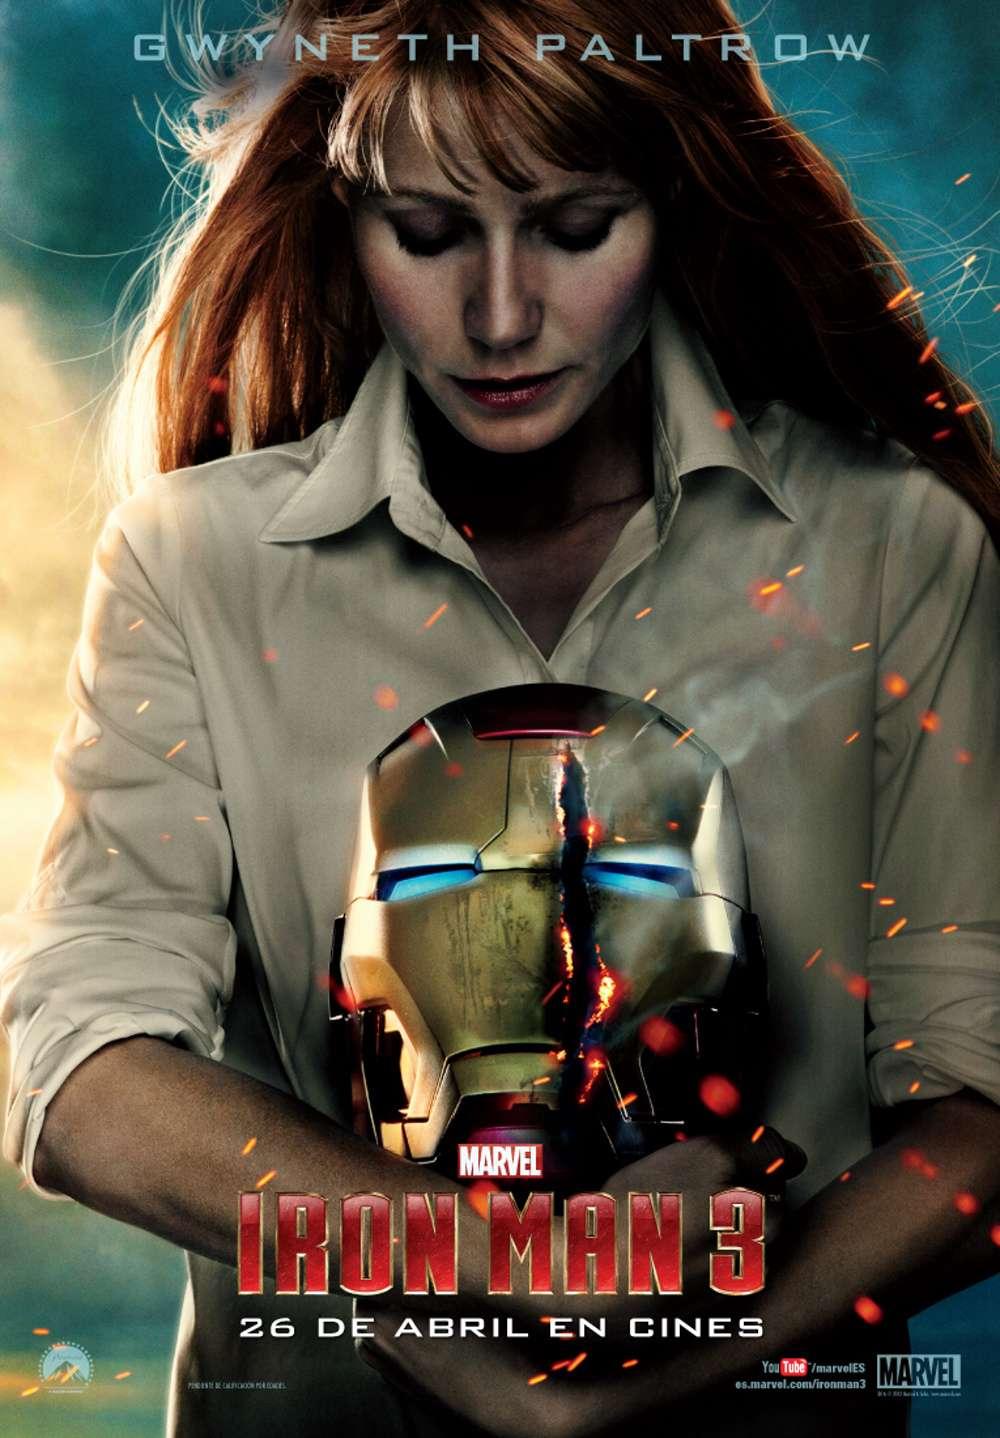 Iron man 3 Pepper